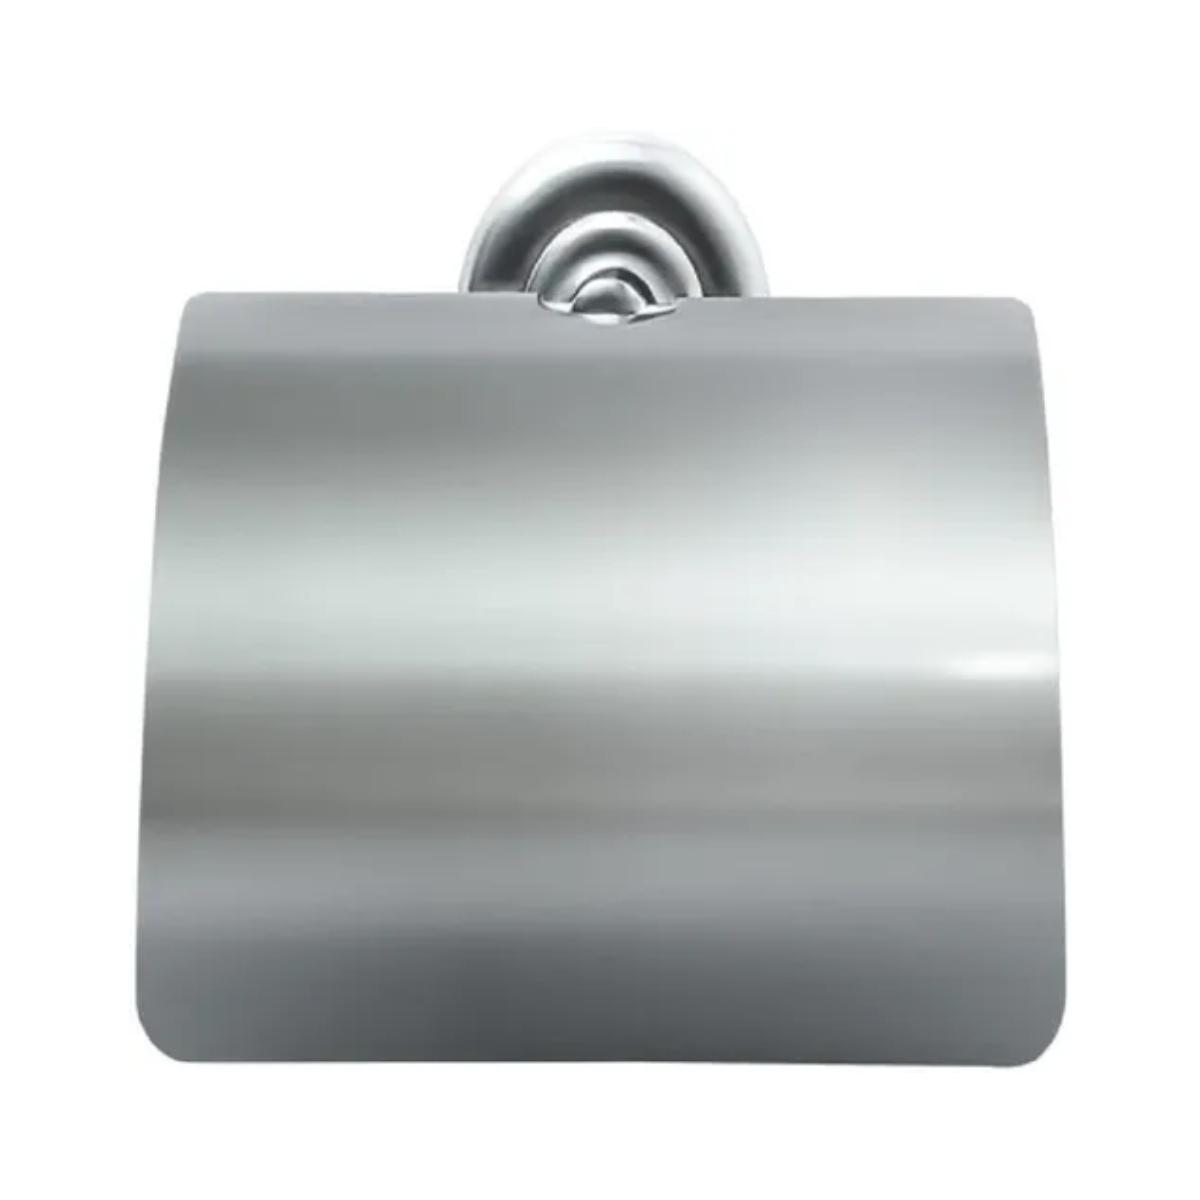 Suporte porta papel higiênico com tampa Hidrolar